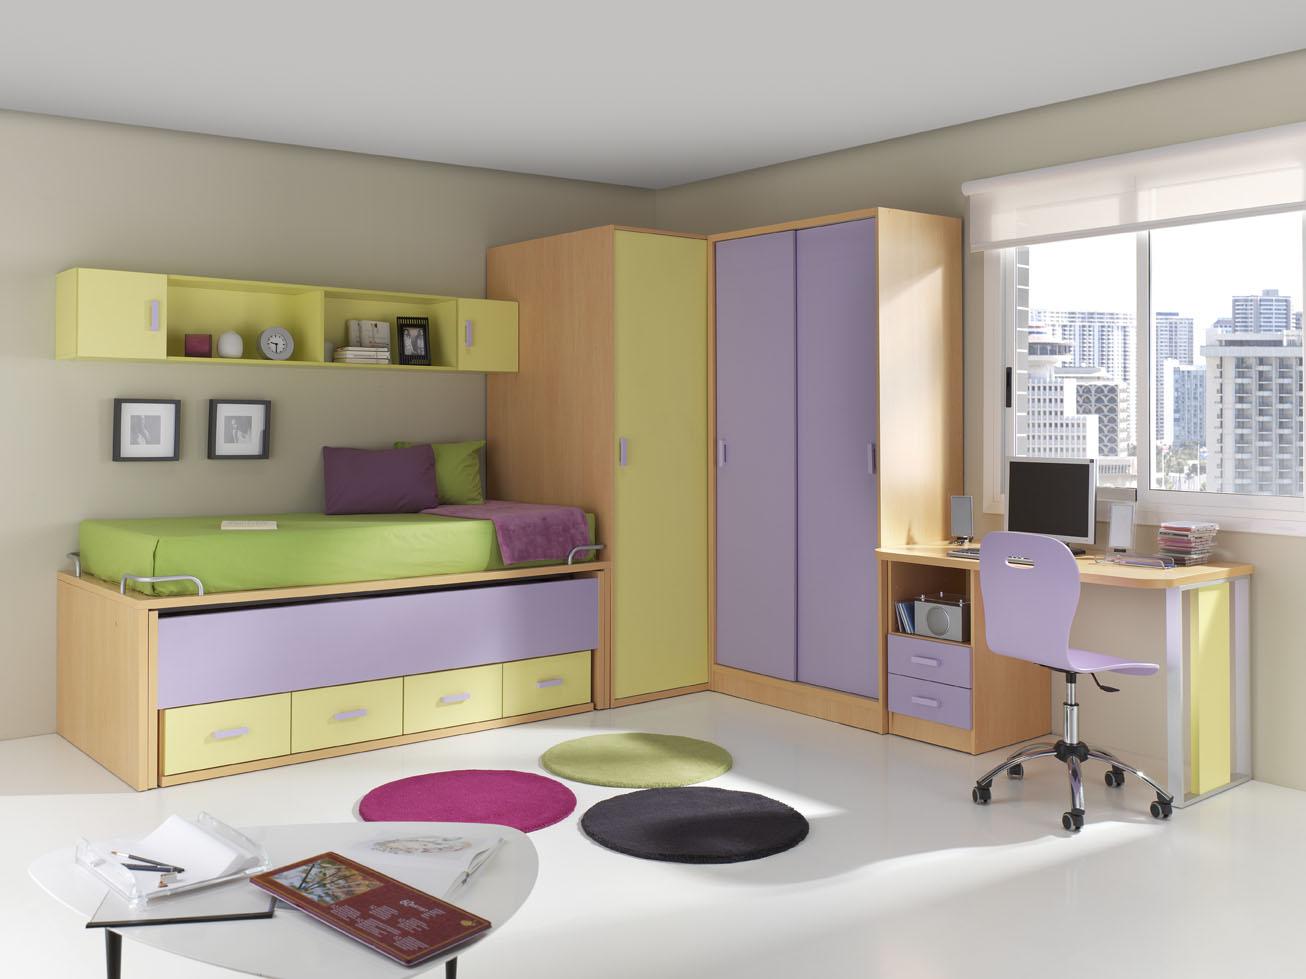 Muebles dormitorio juvenil ikea 20170729013823 - Muebles habitacion juvenil ...